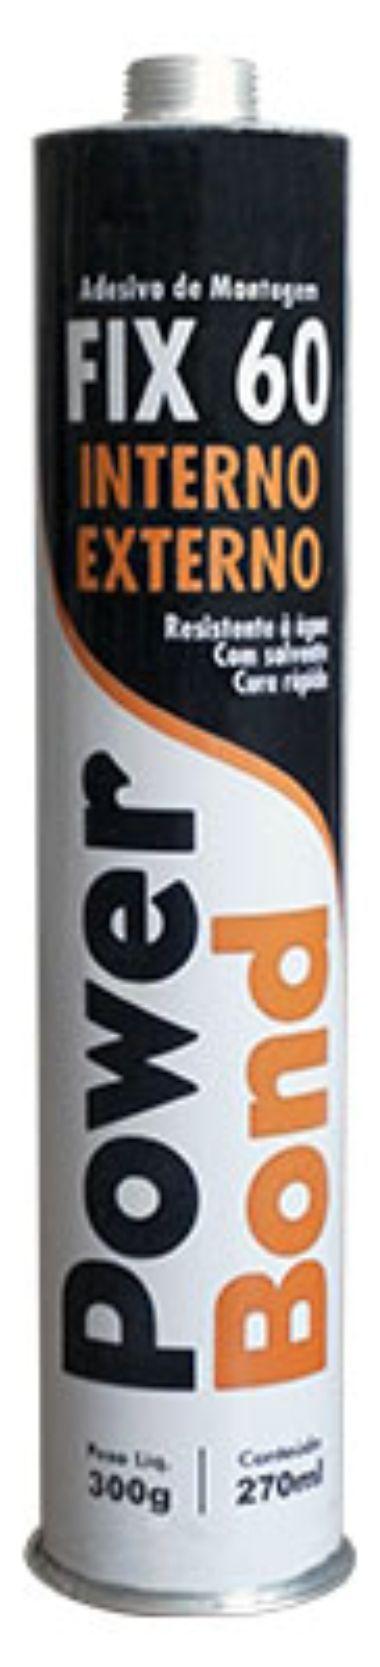 Adesivo de montagem FIX 60 300g - similar a Cola Prego PL600